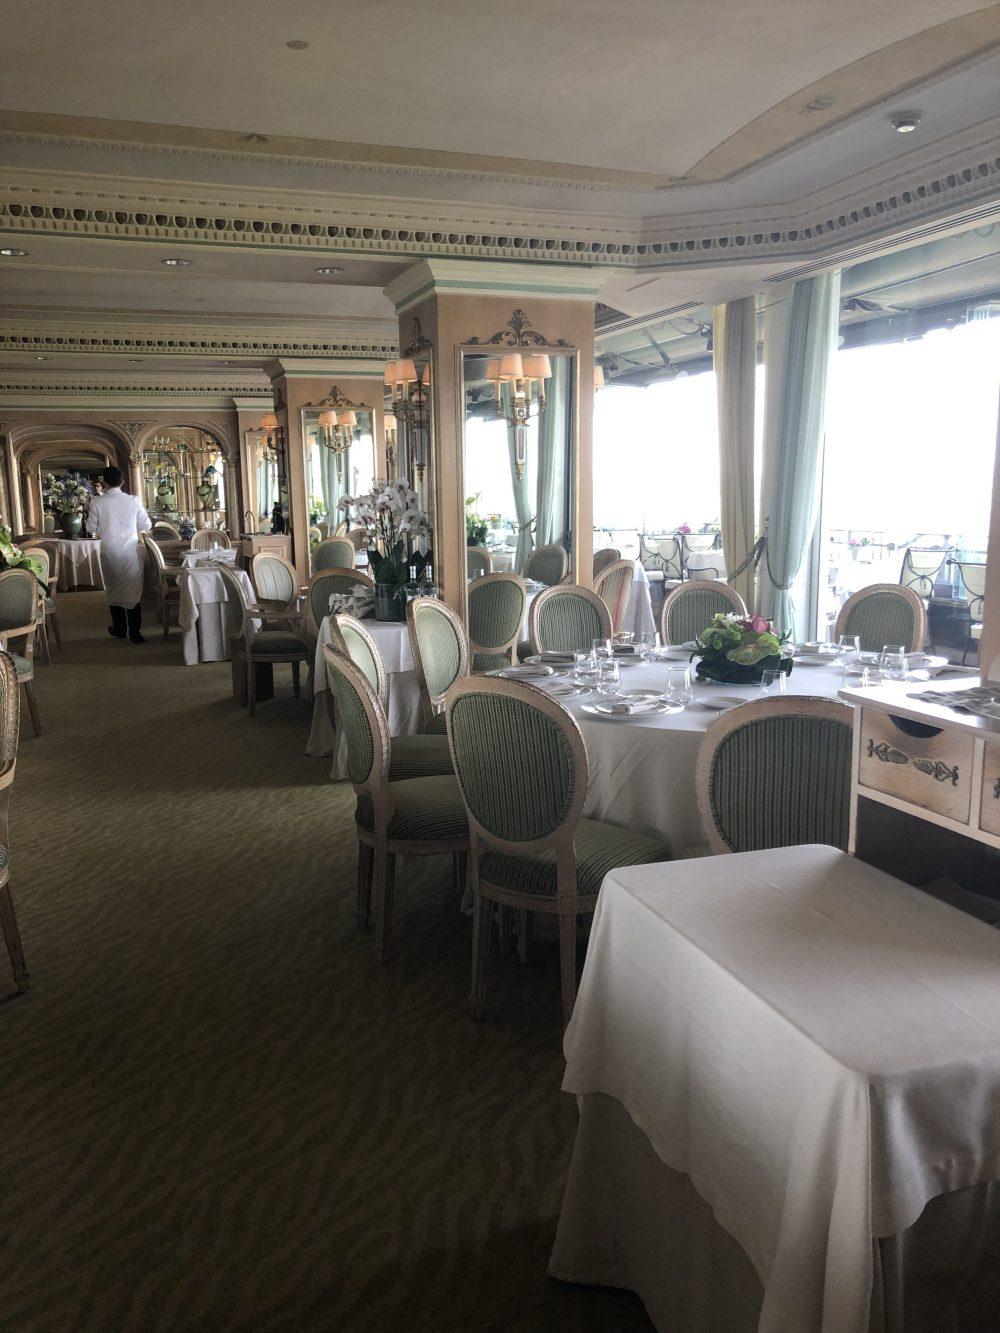 Mirabelle Ristorante dell'Hotel Splendide Royal di Roma